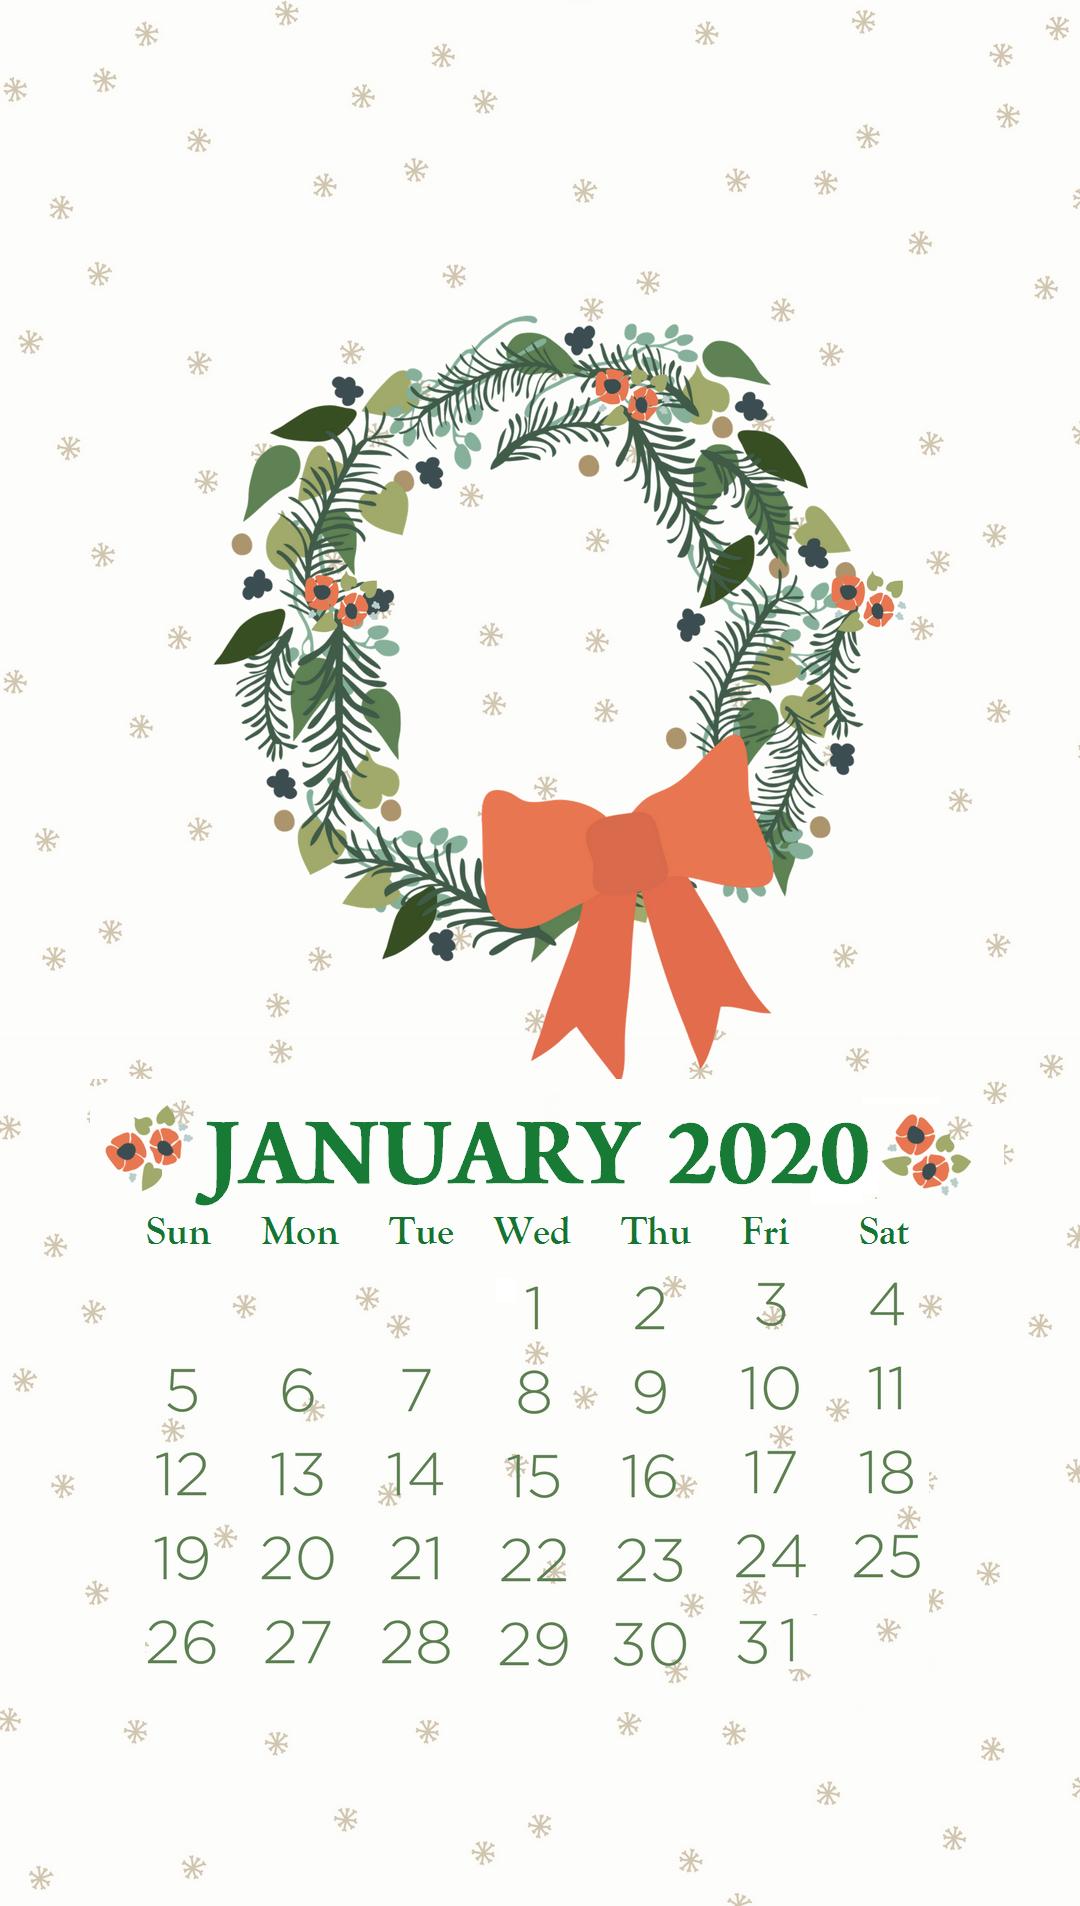 Iphone January 2020 Calendar Wallpaper S Izobrazheniyami